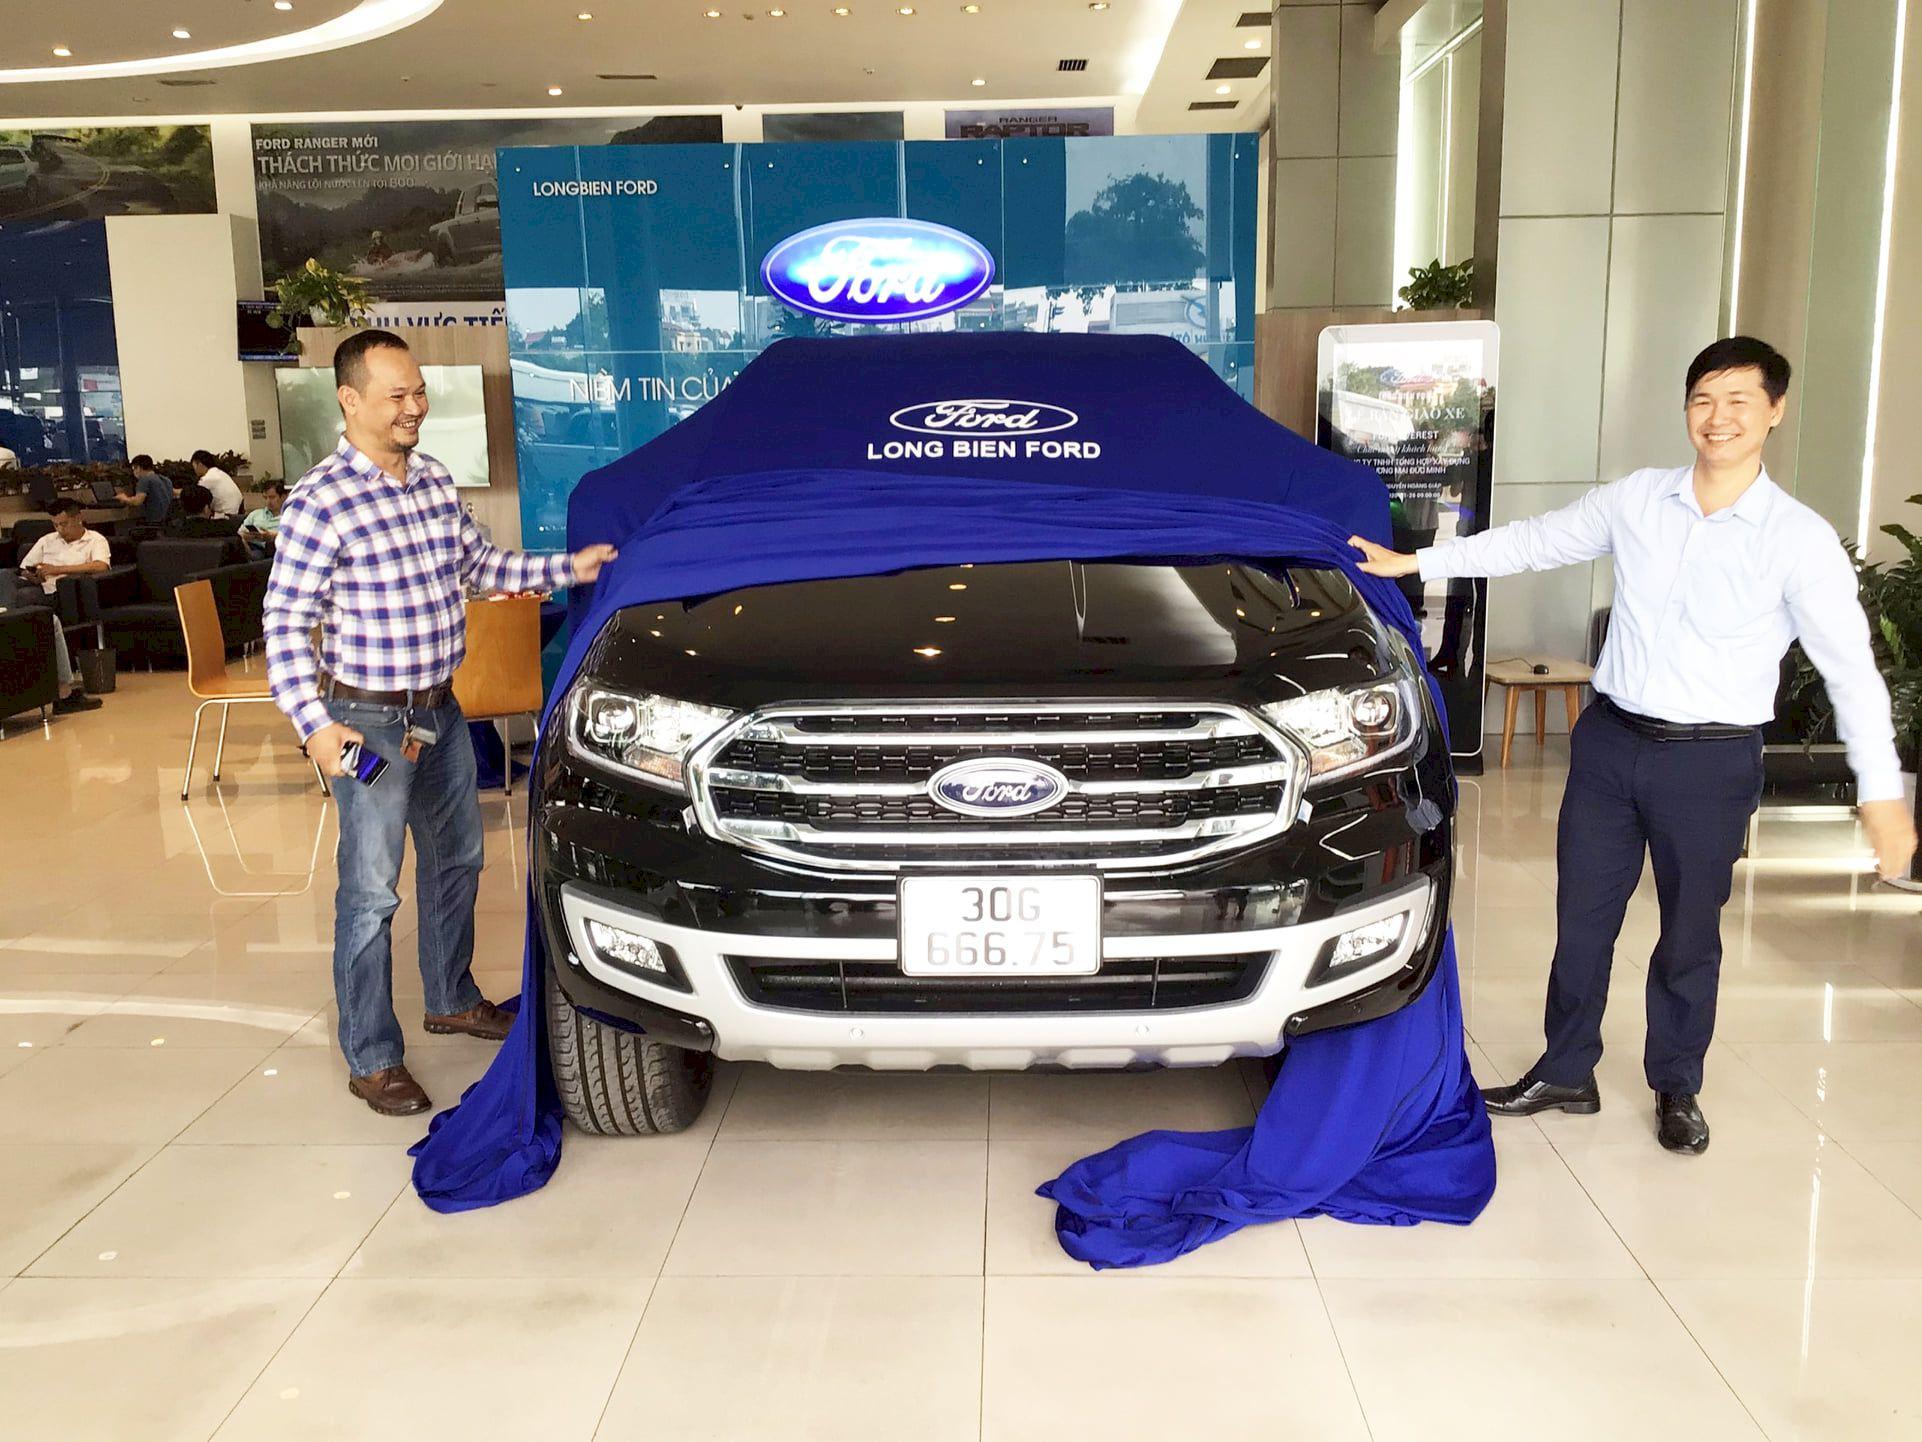 Long Biên triển khai Quy trình FGE trong lễ bàn giao xe Ford cho khách hàng tại Thanh Hóa năm 2021